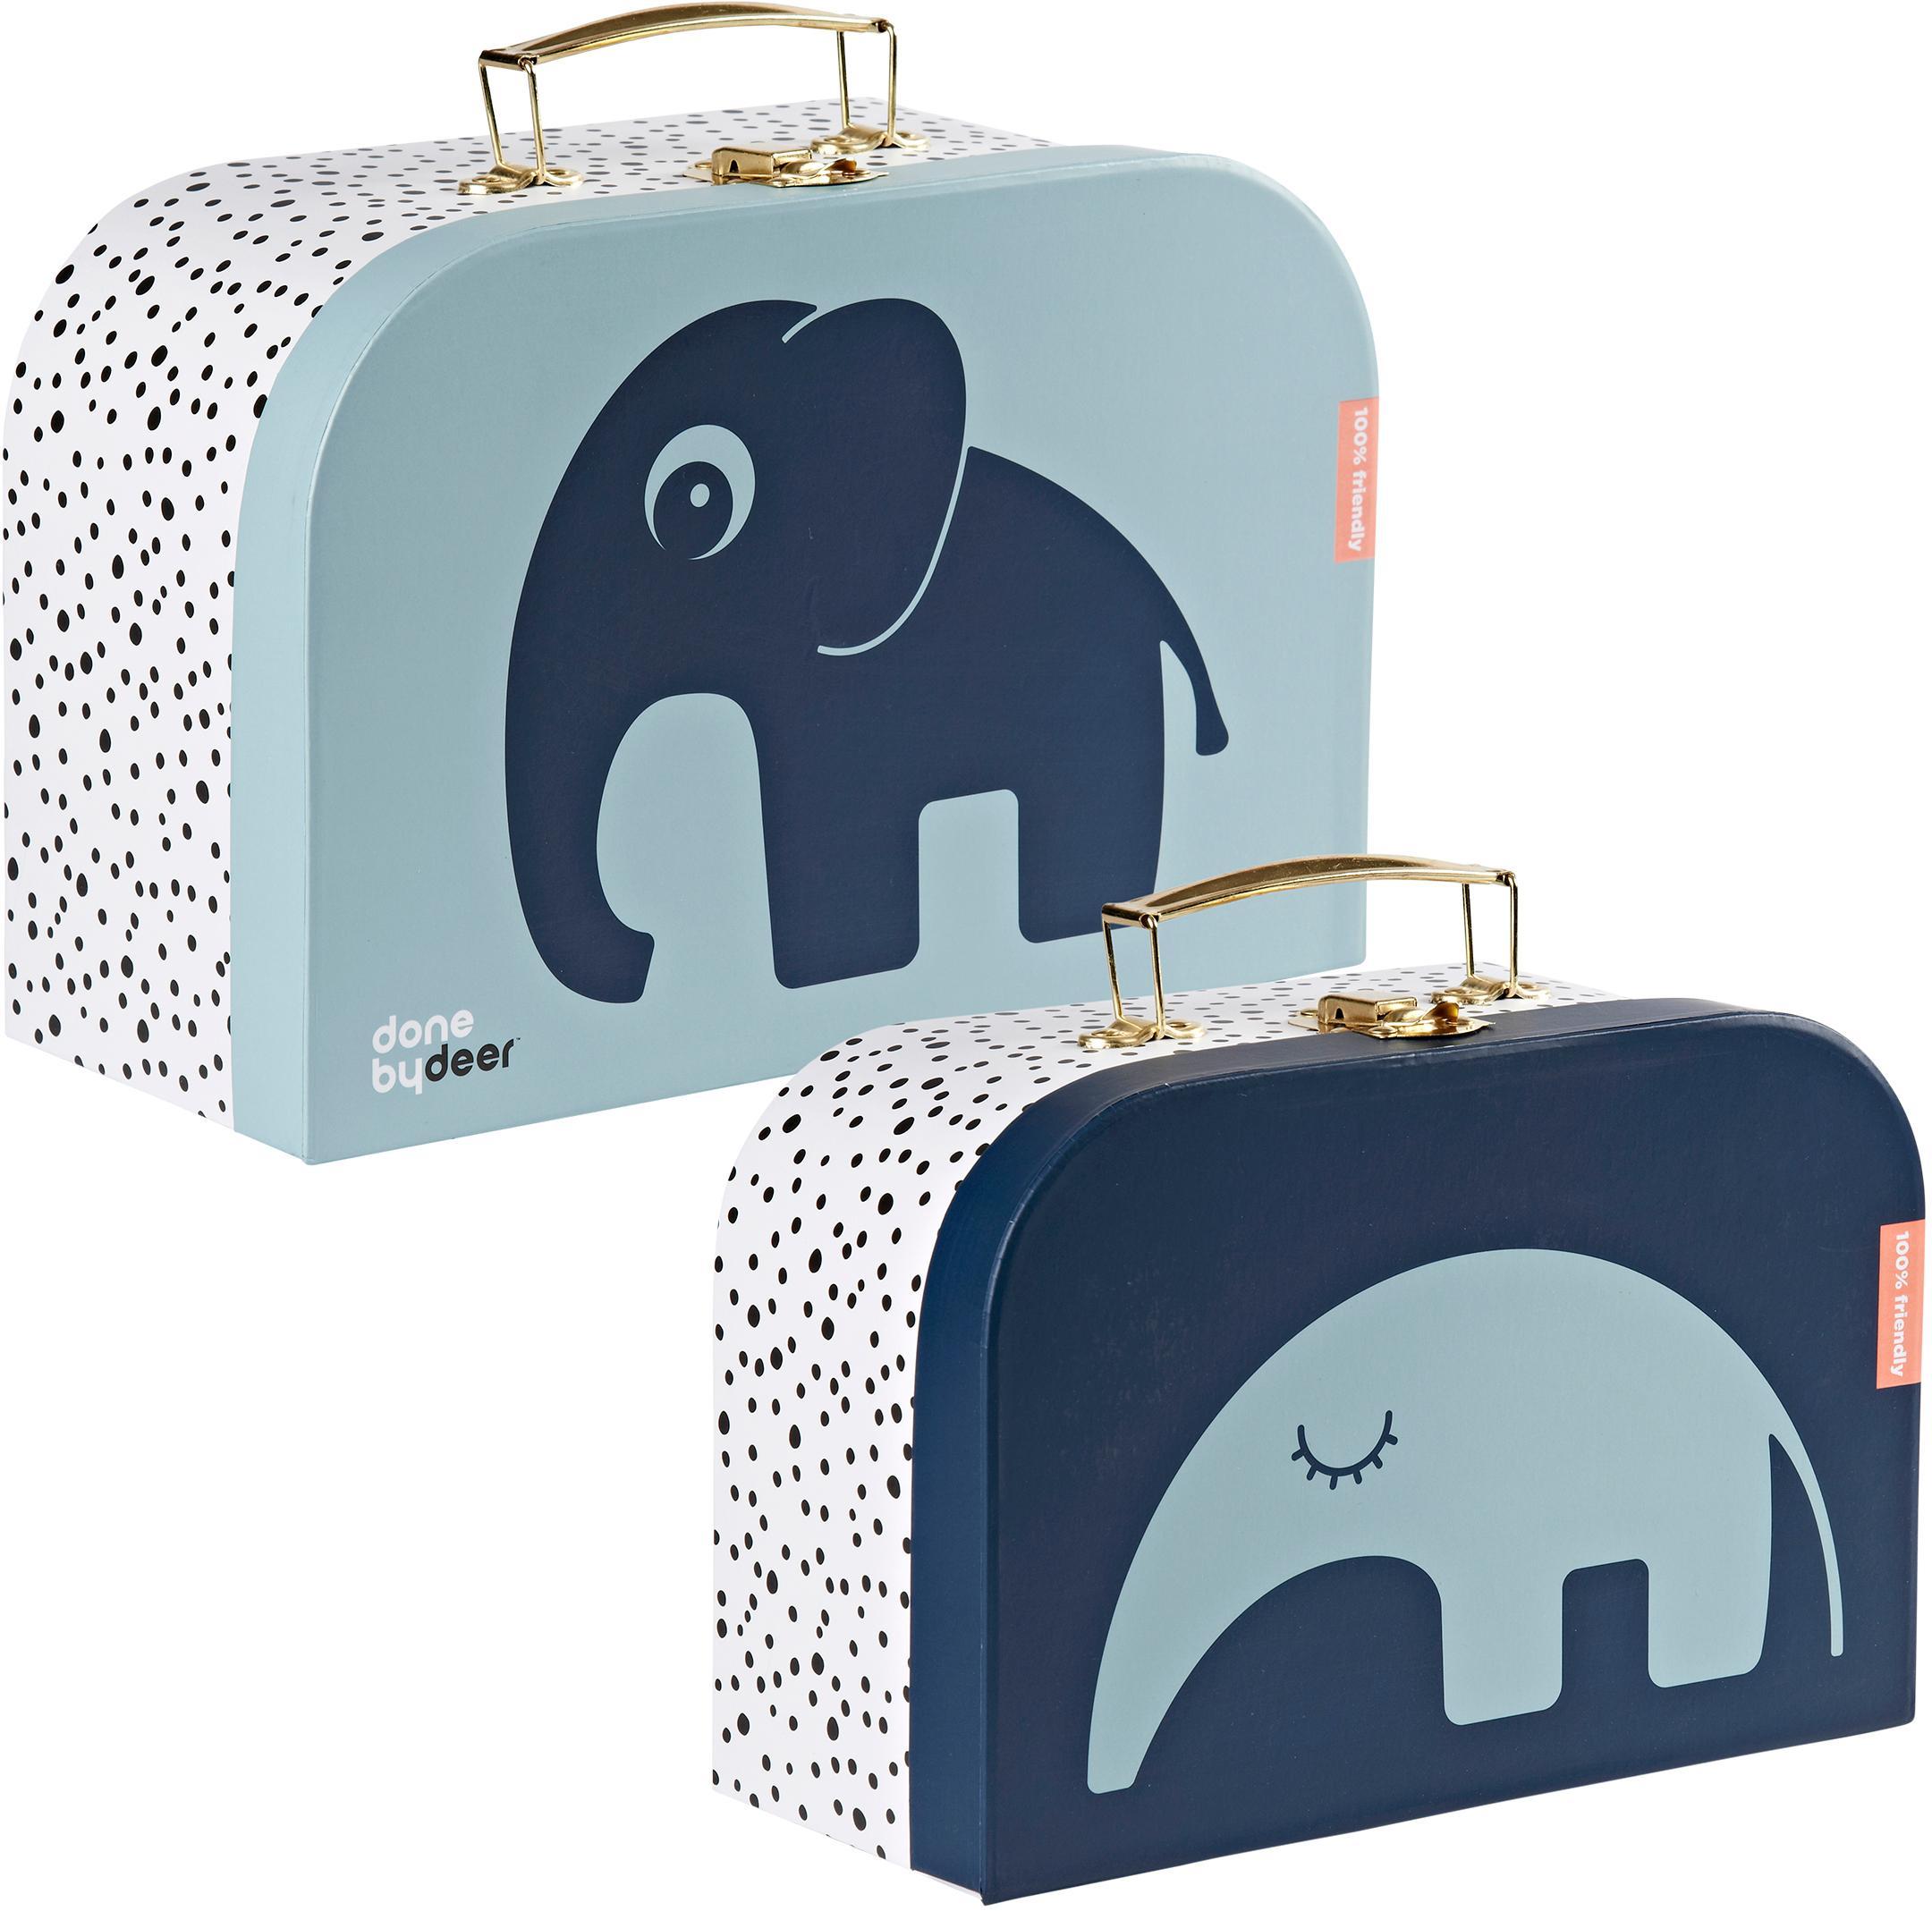 Koffer-Set Deer Friends, 2-tlg., Griff: Metall, beschichtet, Blau, Set mit verschiedenen Größen